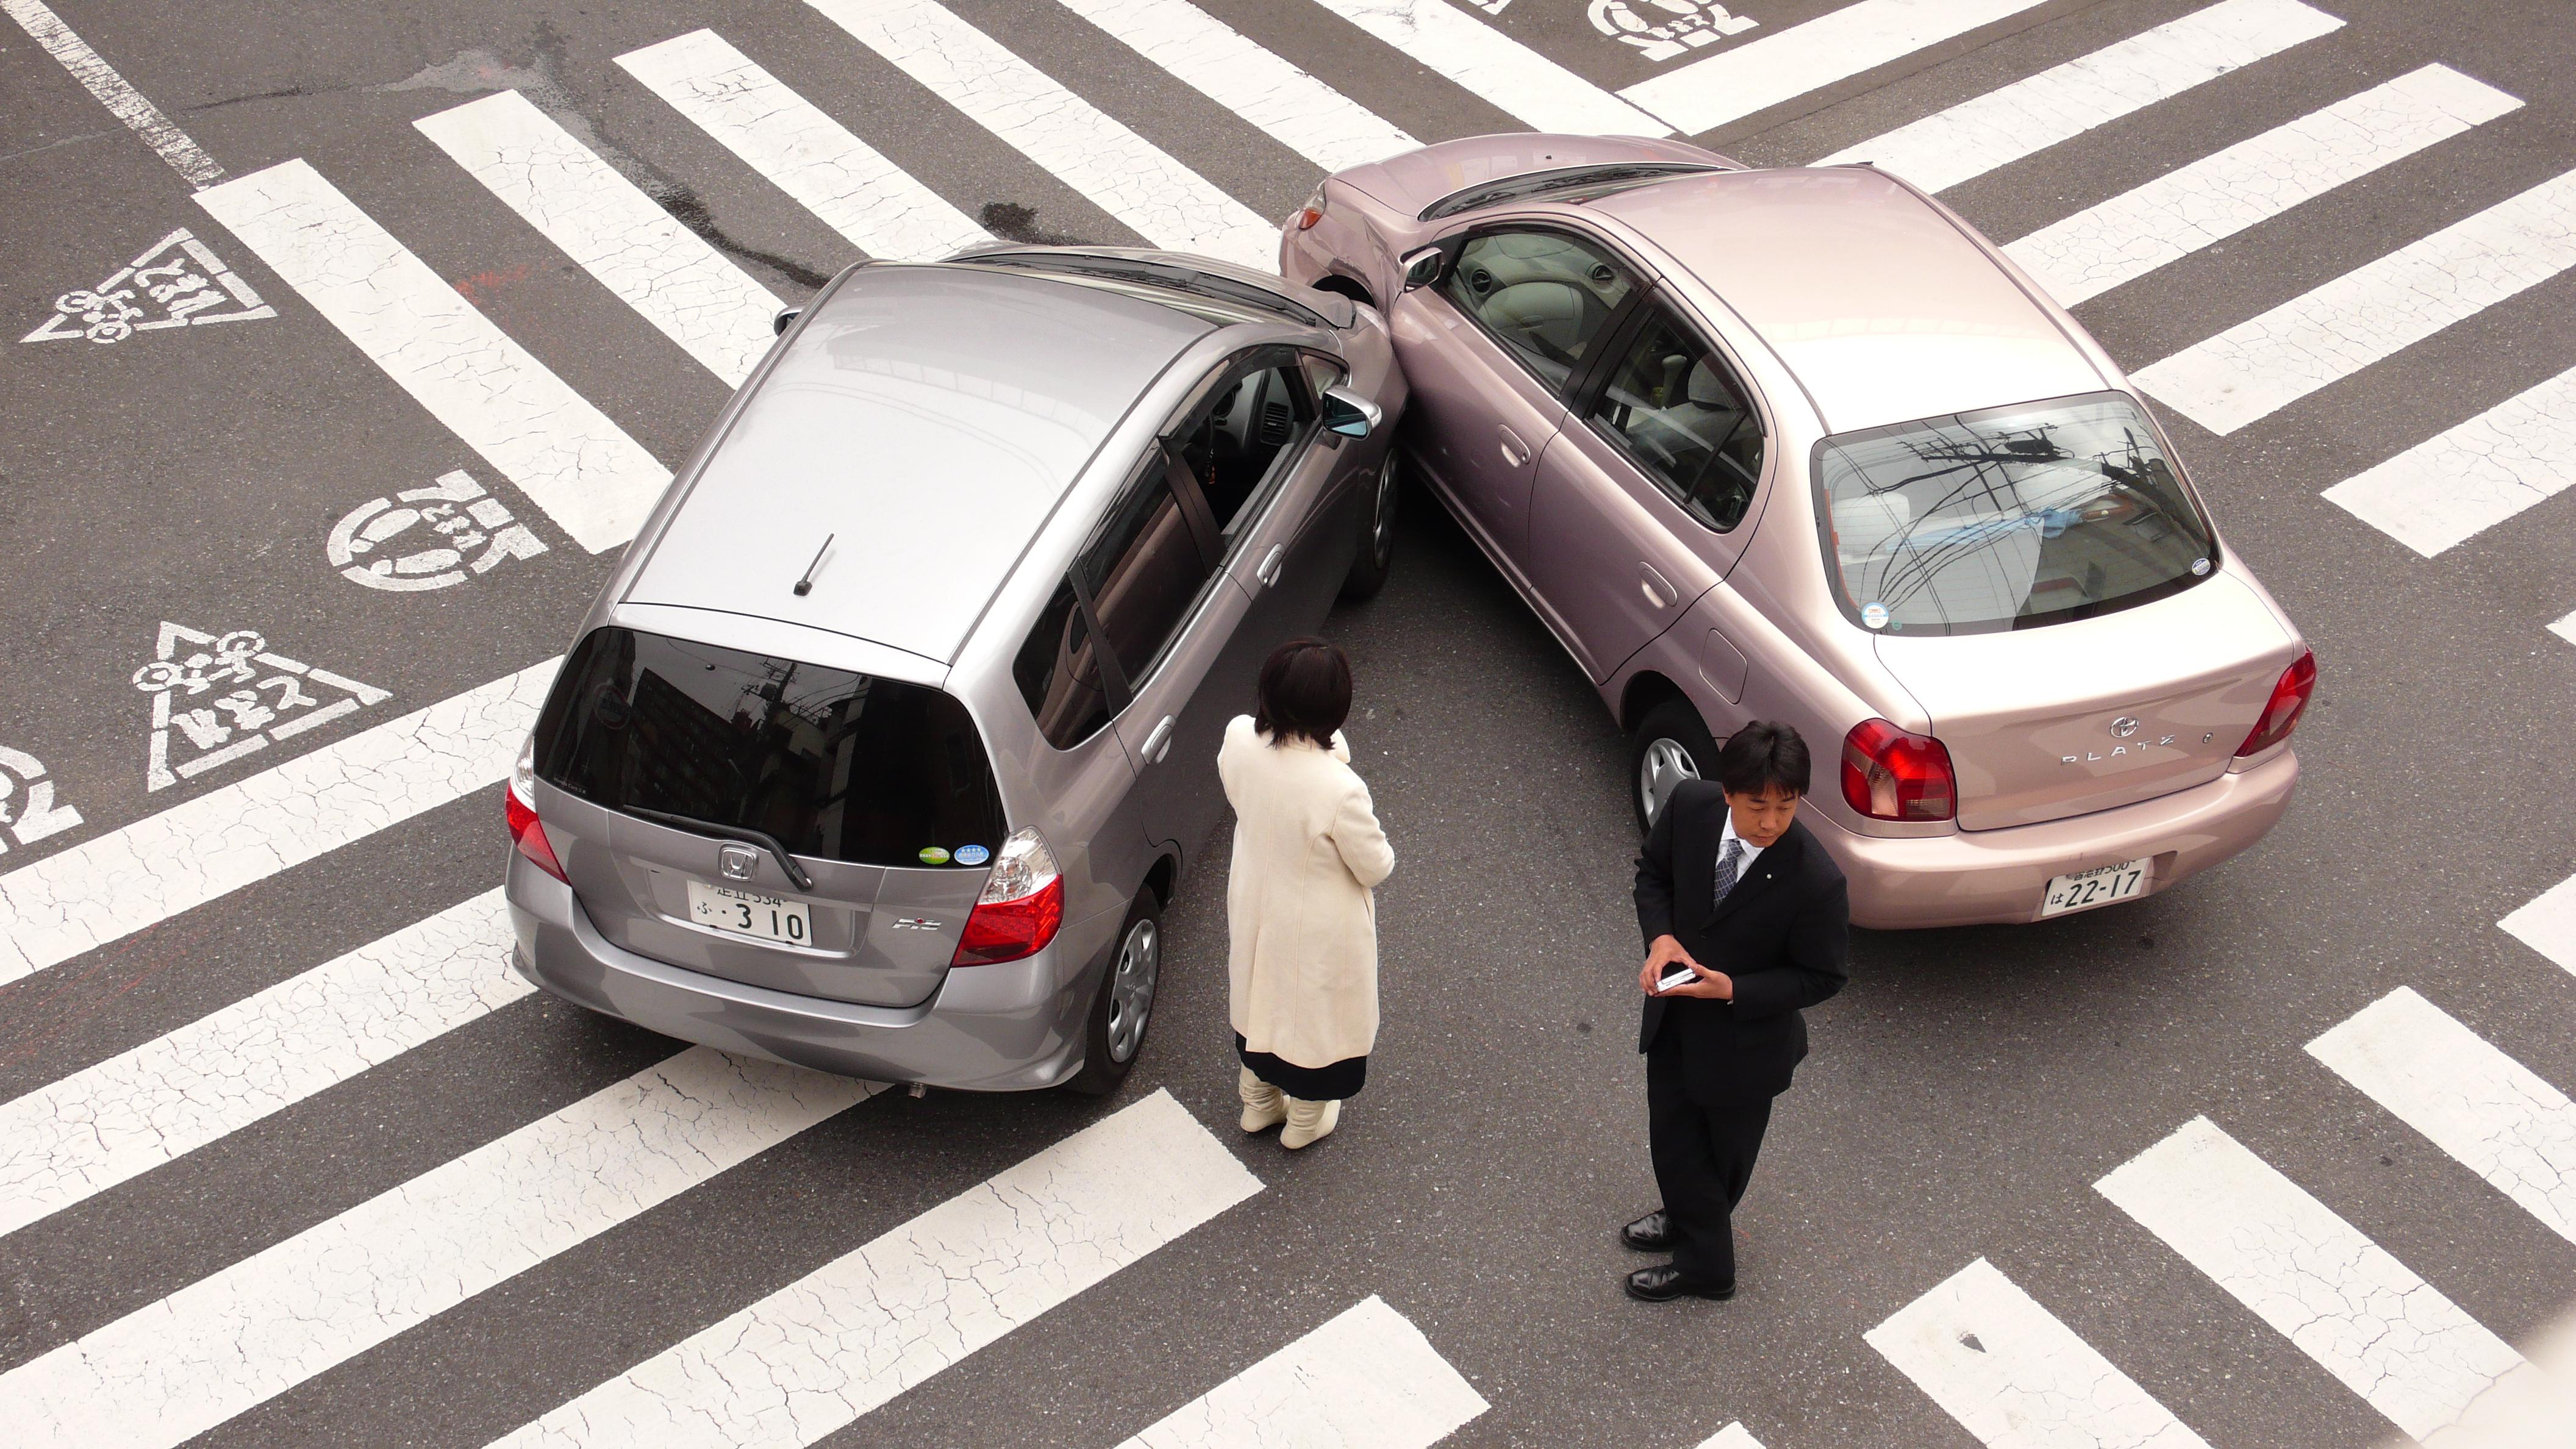 Nejlevnější havarijní pojištění - jak ho najít?